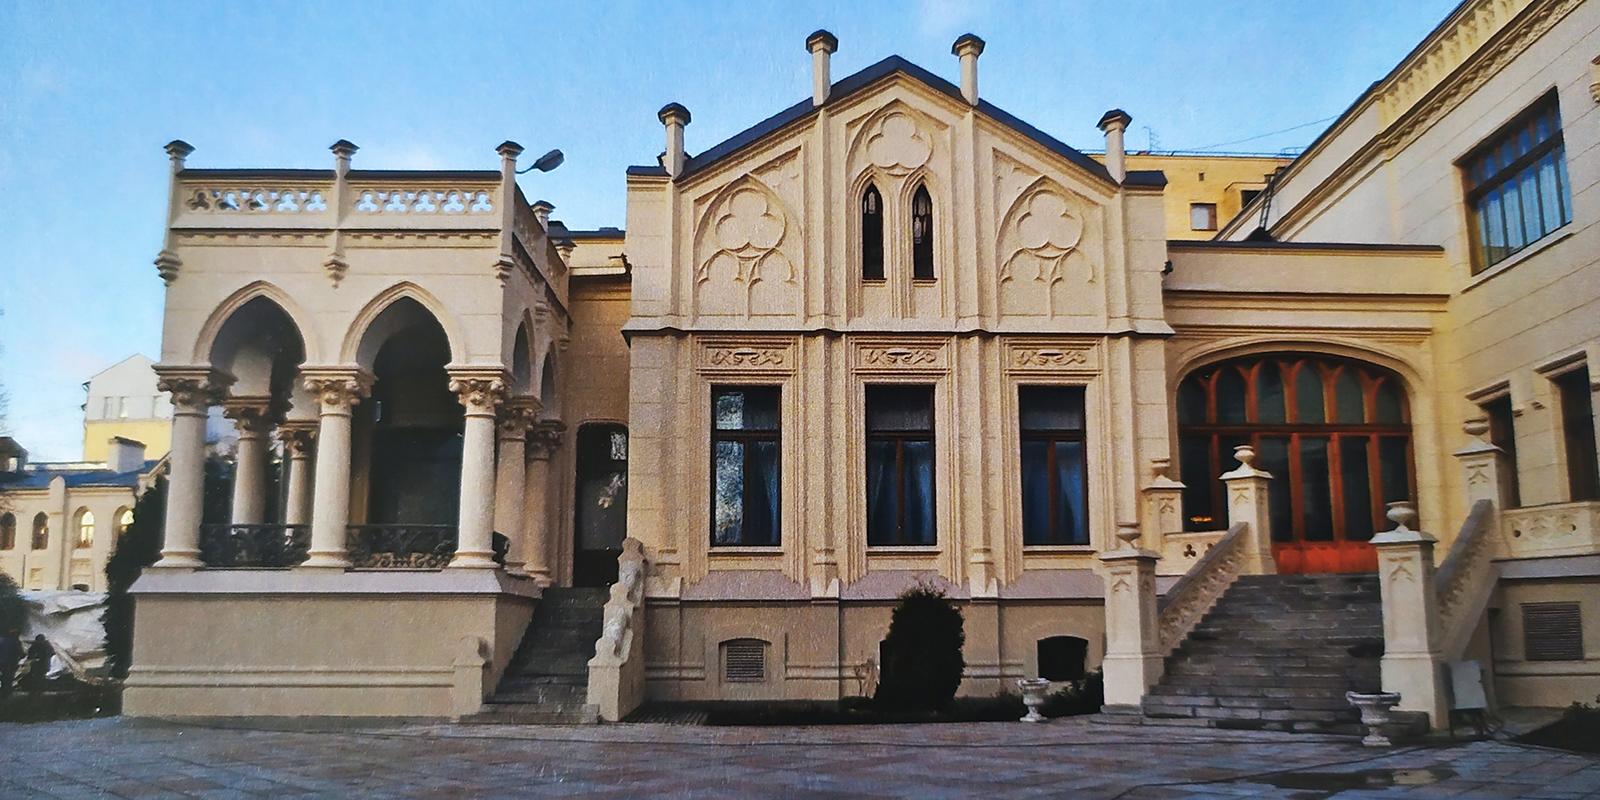 Шедевр Шехтеля: эксперты подтвердили ценность особняка Саввы Морозова на Спиридоновке